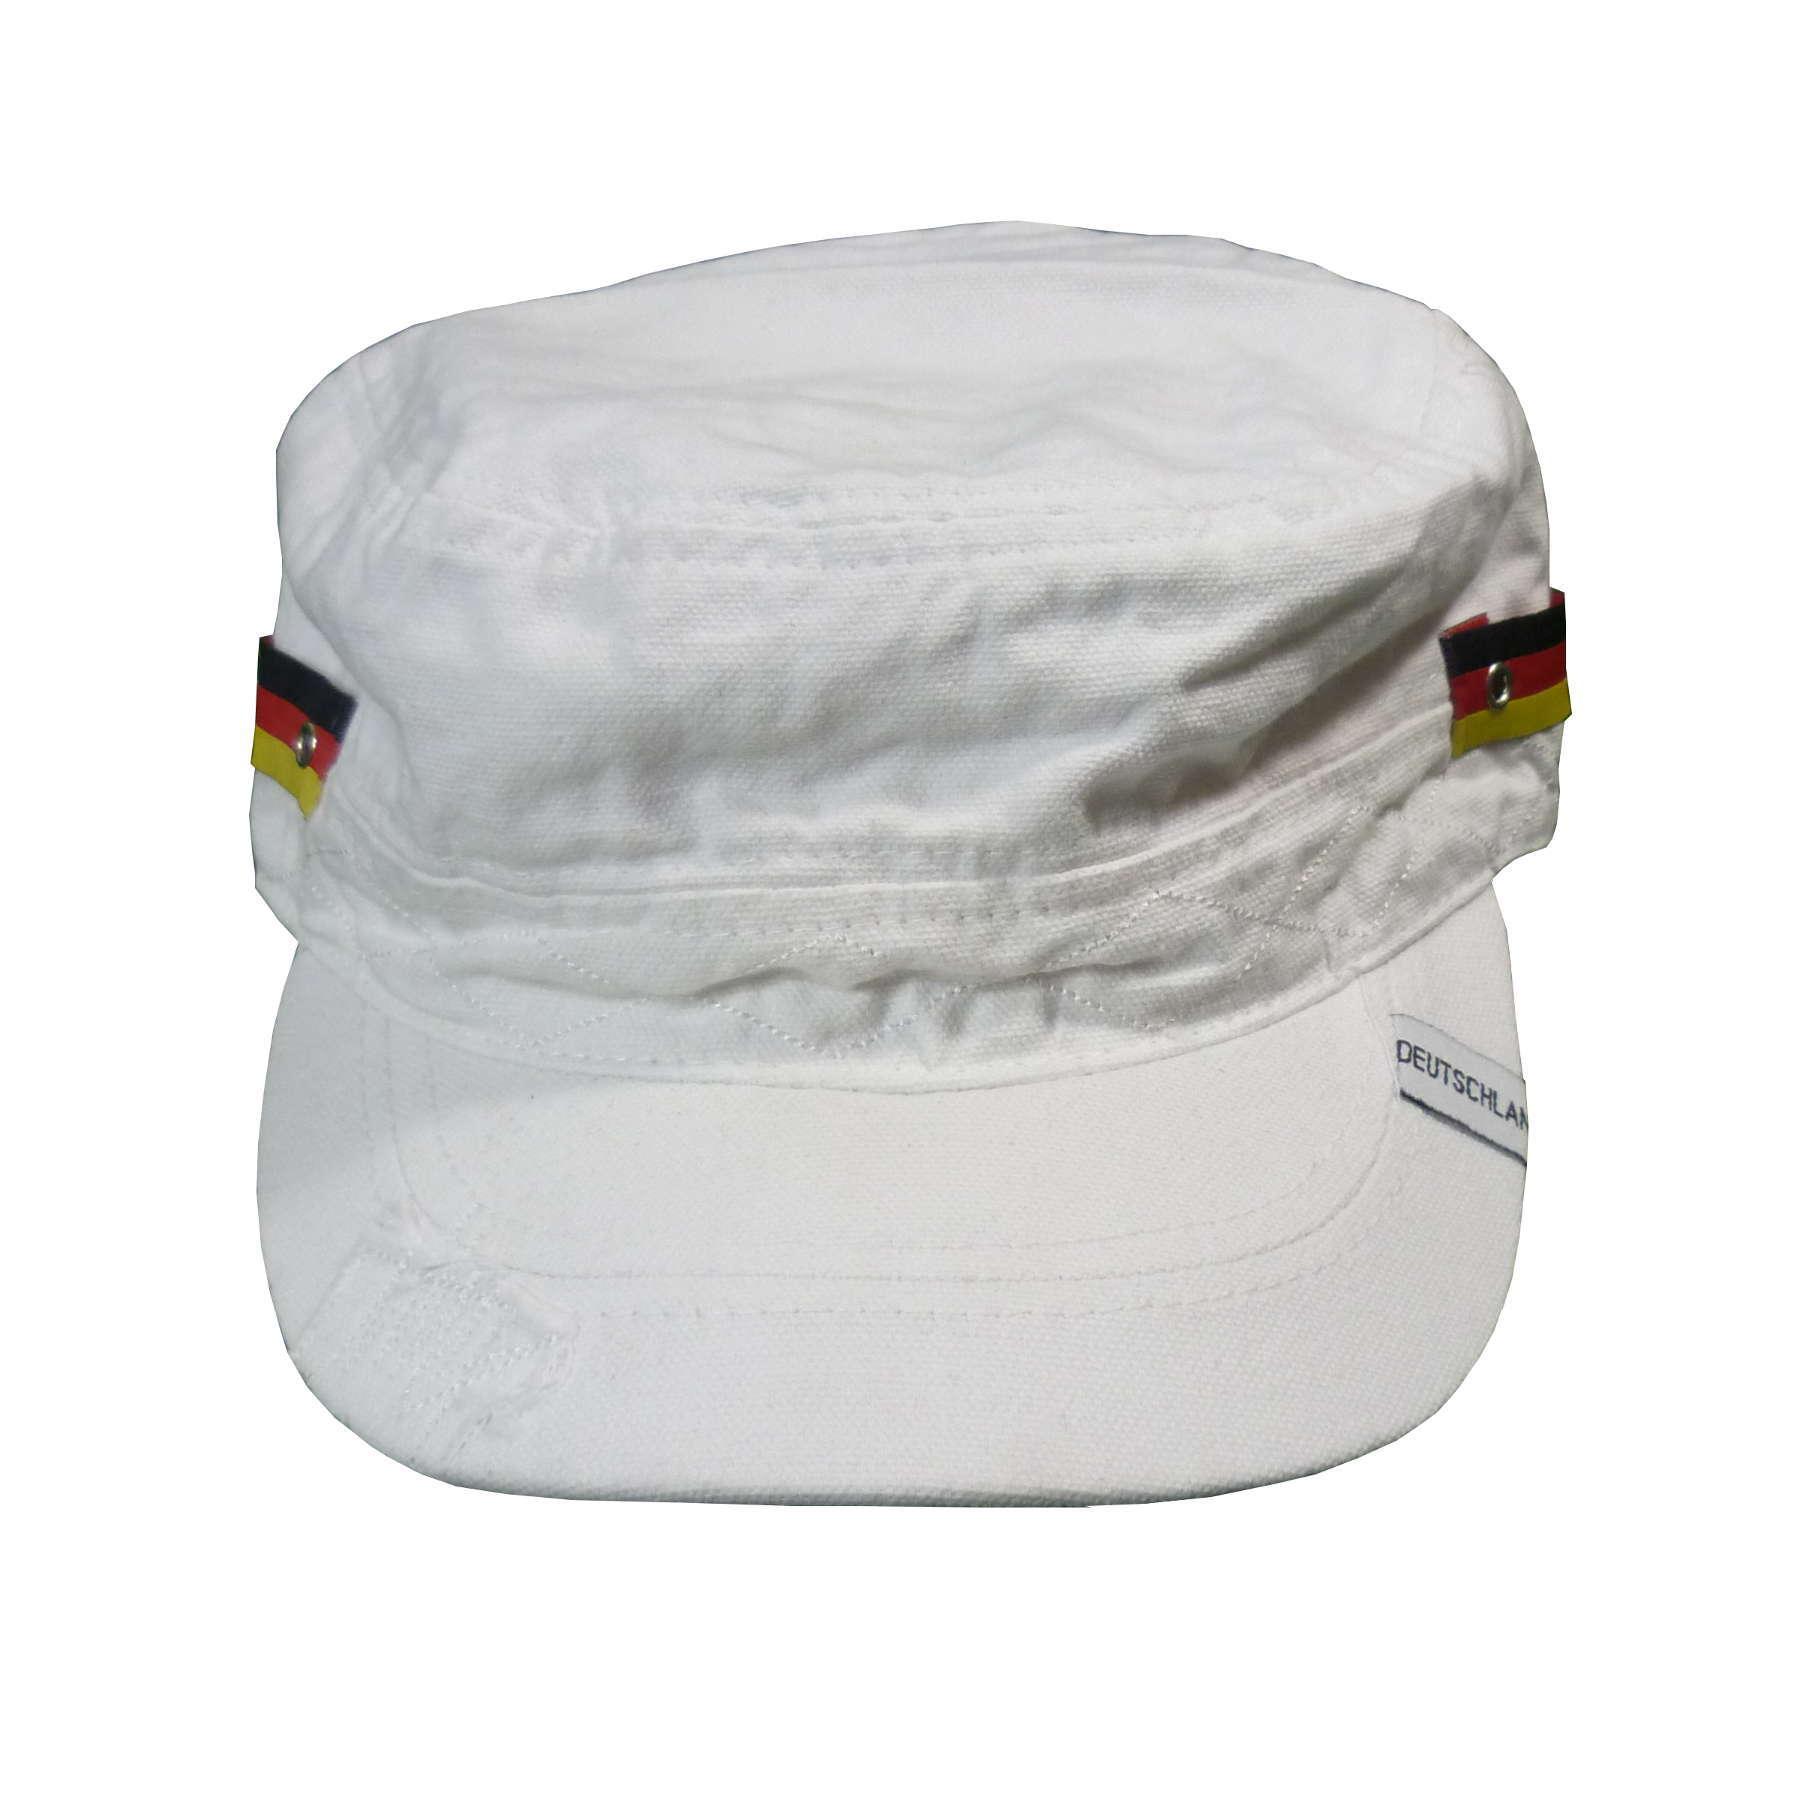 Deutschland Army Cap weiss